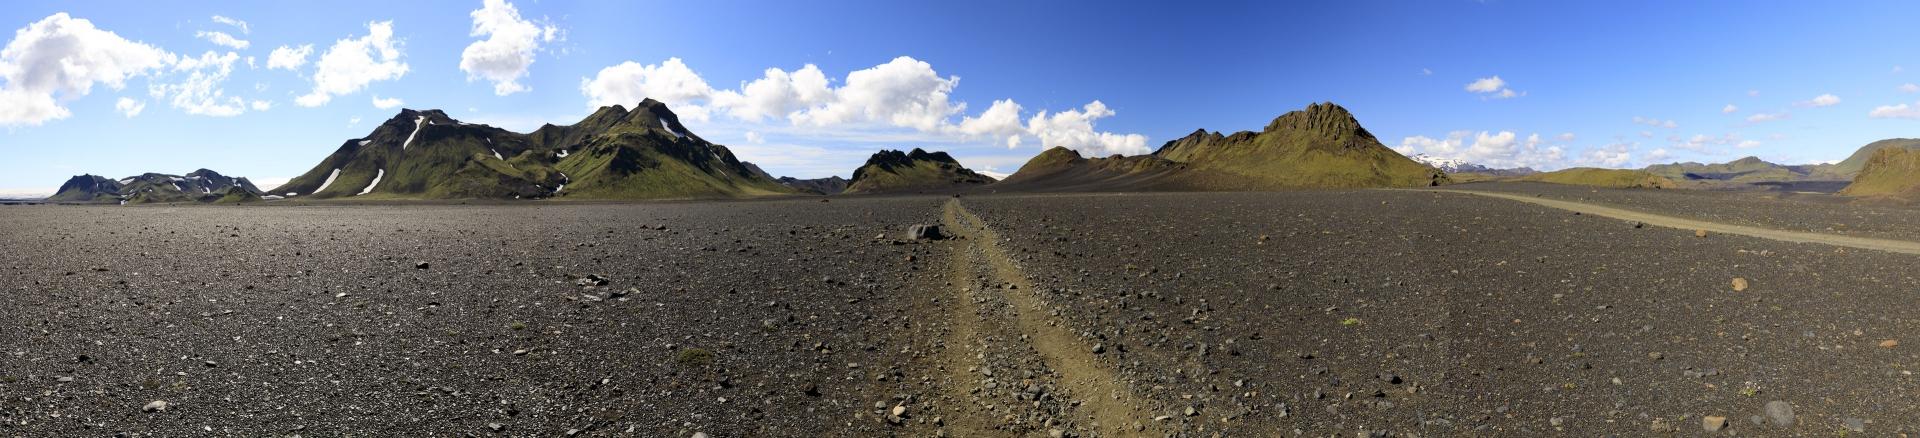 Mælifellssandur mit Smáfjallarani und Útigönguhöfðar, im Hintergrund der Mýrdalsjökull und der Eyjafjallajökull